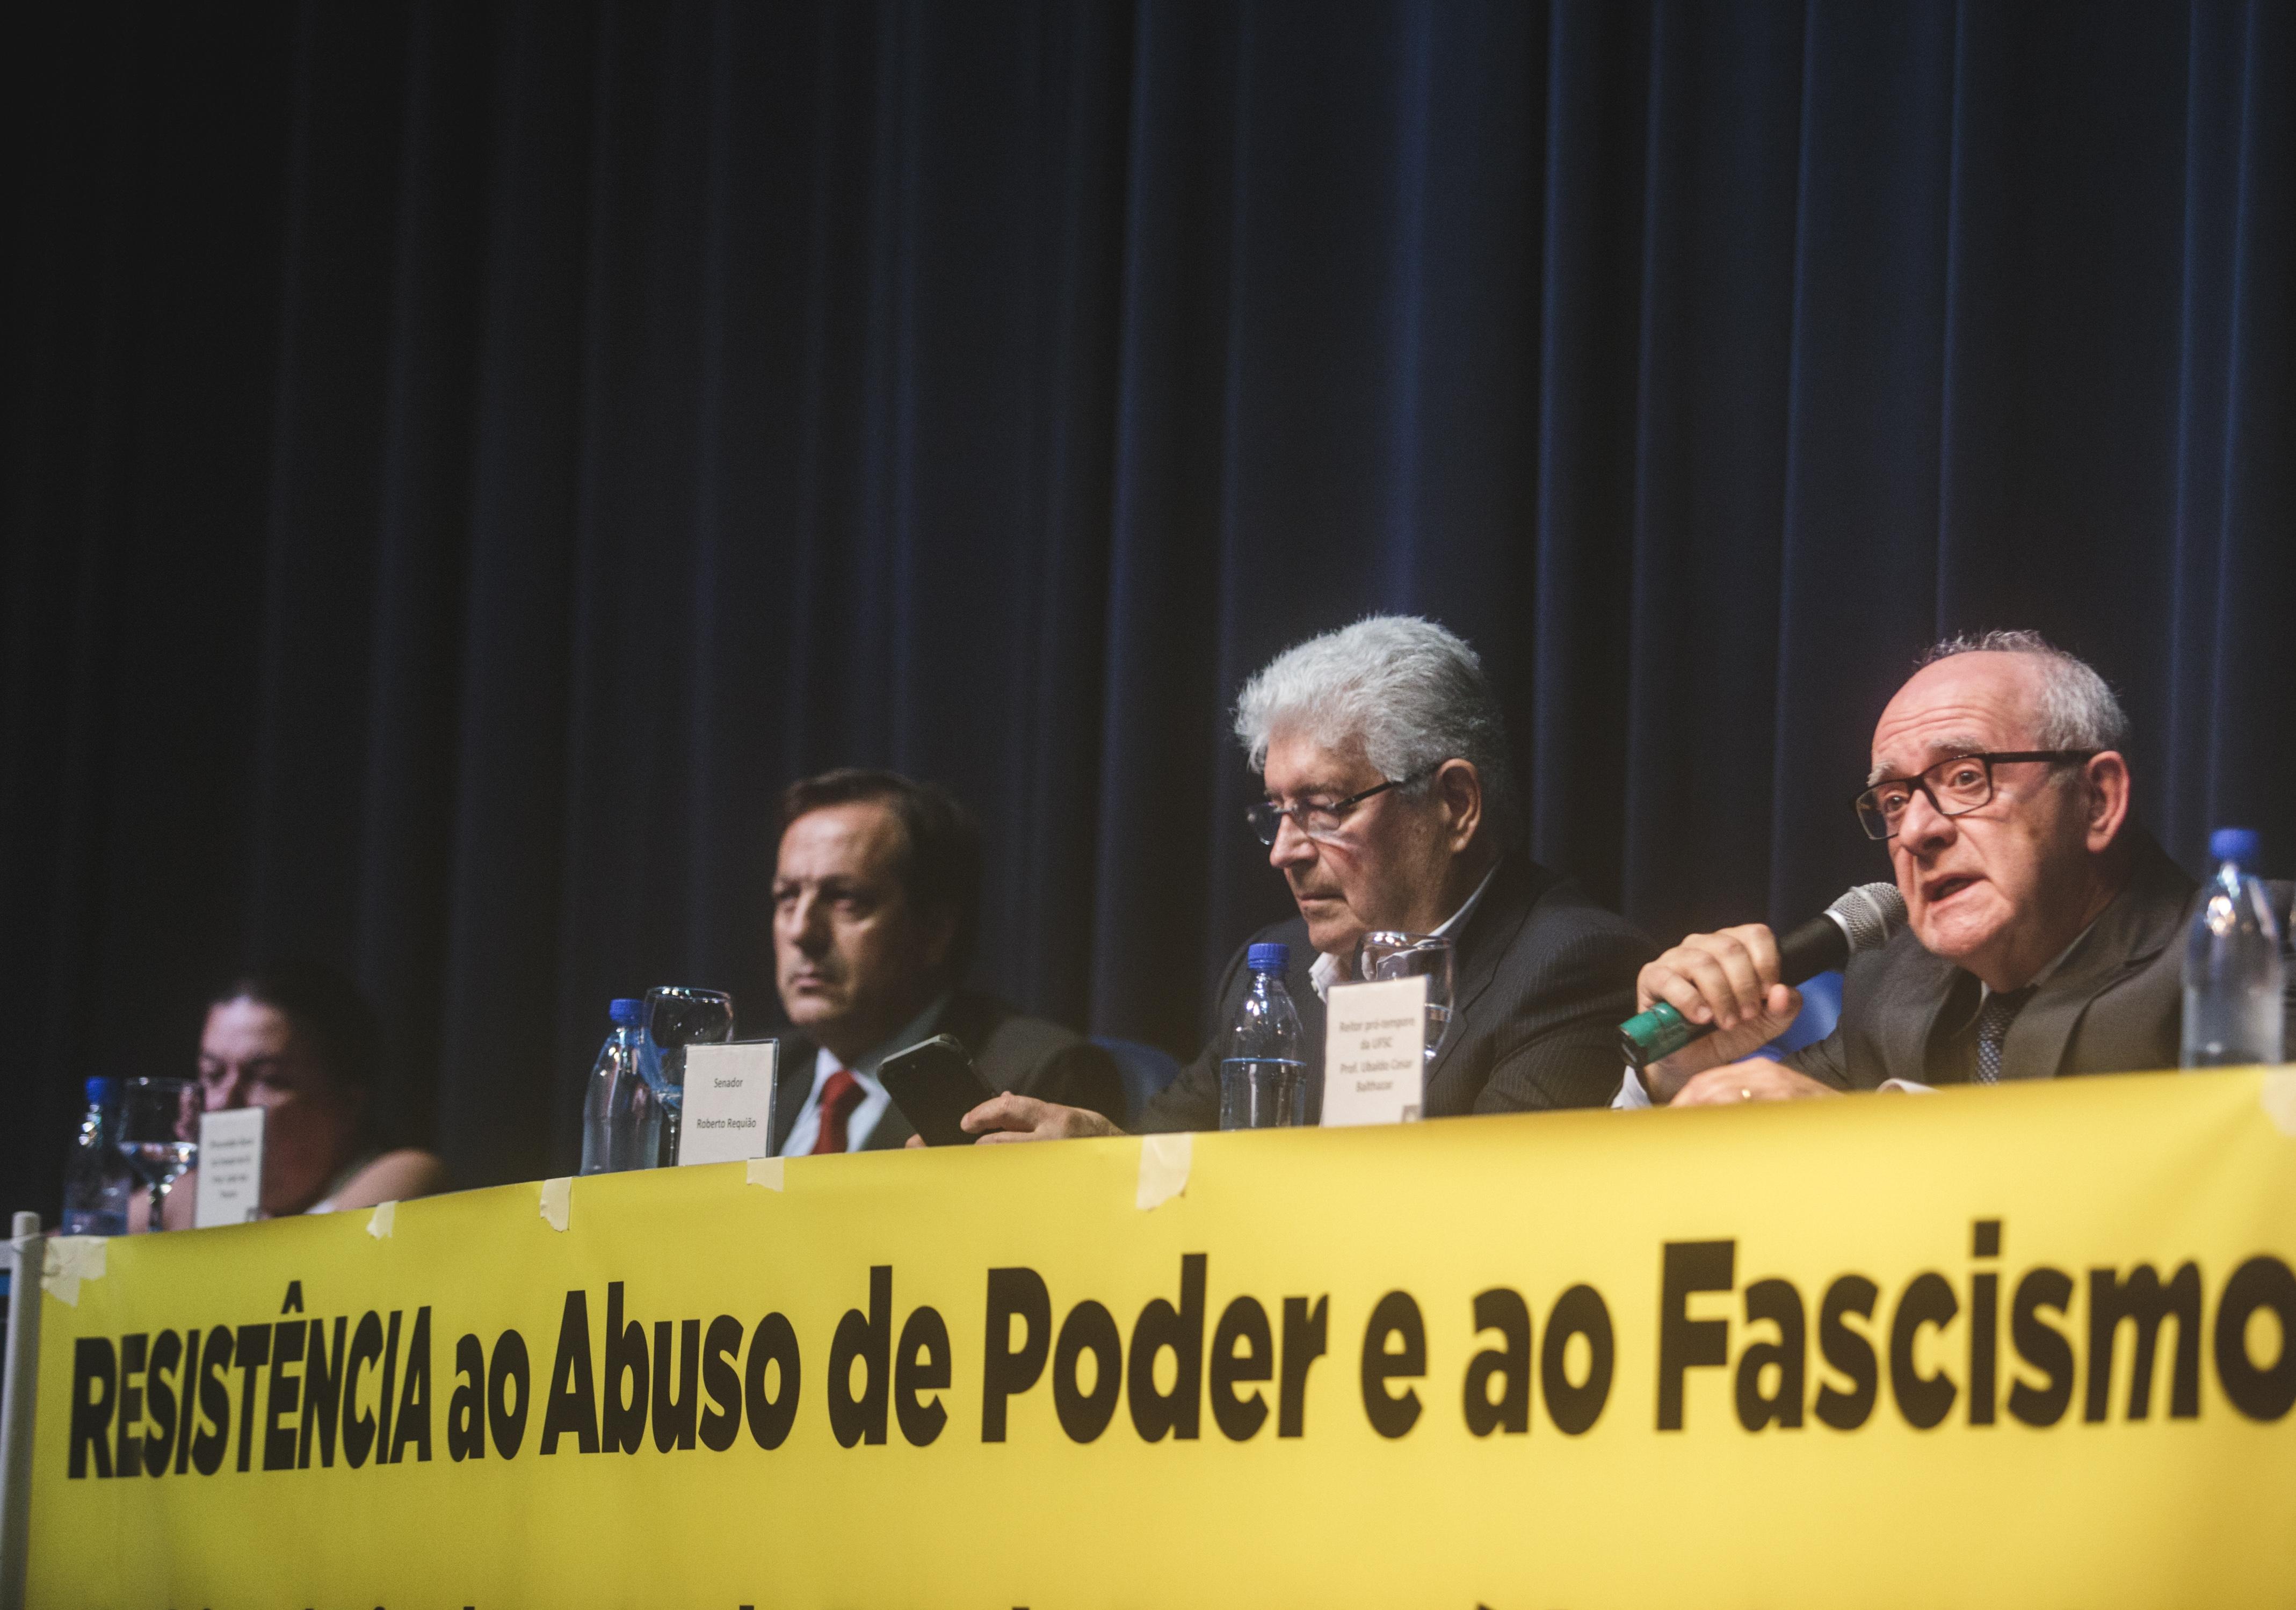 Reitor pro tempore Ubaldo Balthazar participou do evento que contou com a presença do senador Roberto Requião - Flávio Tin/ ND